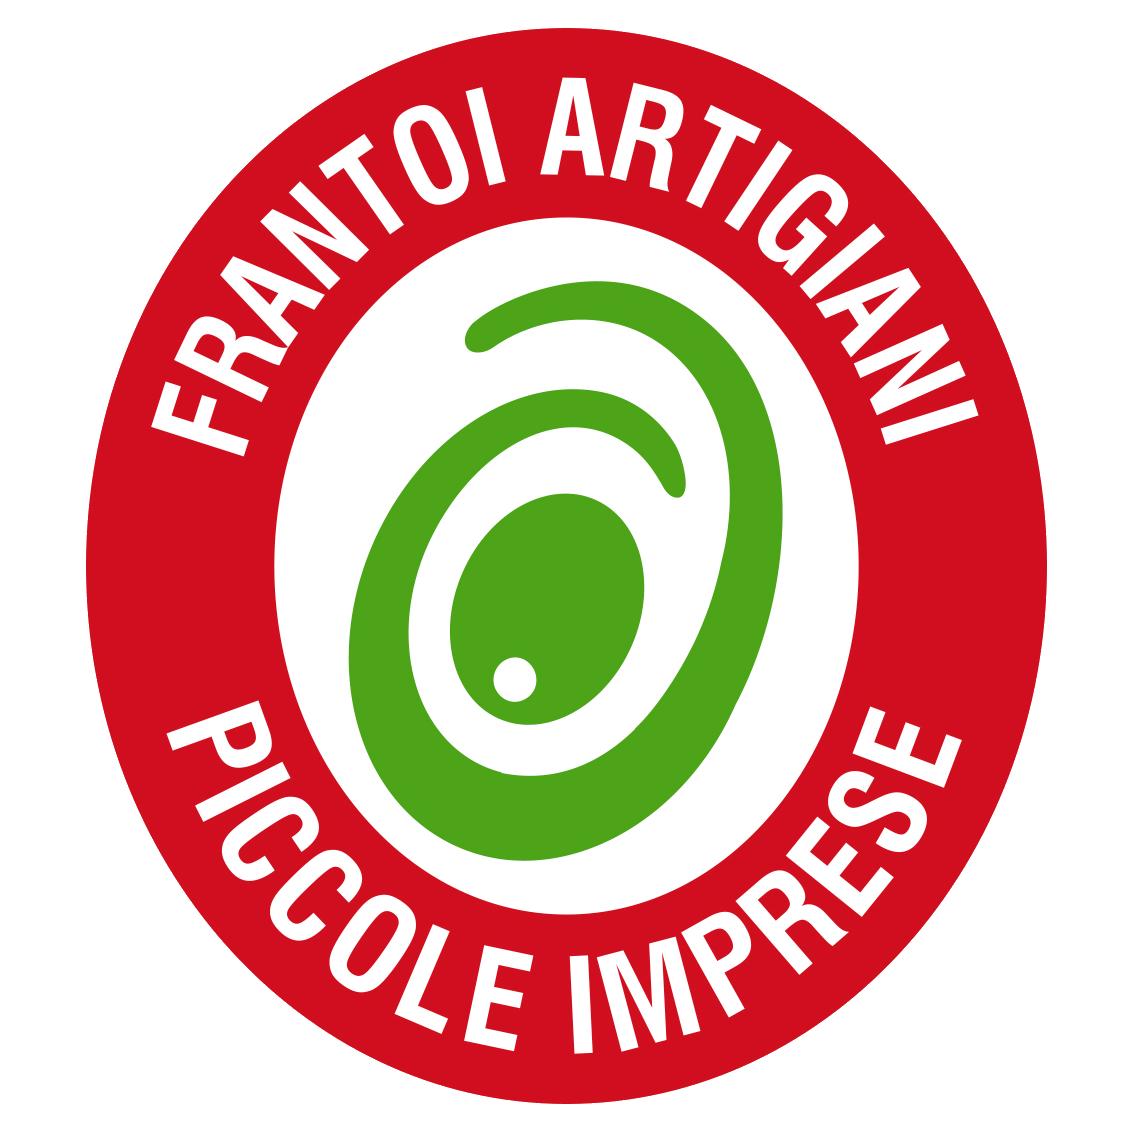 CONSORZIO FRANTOI ARTIGIANI & PICCOLE IMPRESE